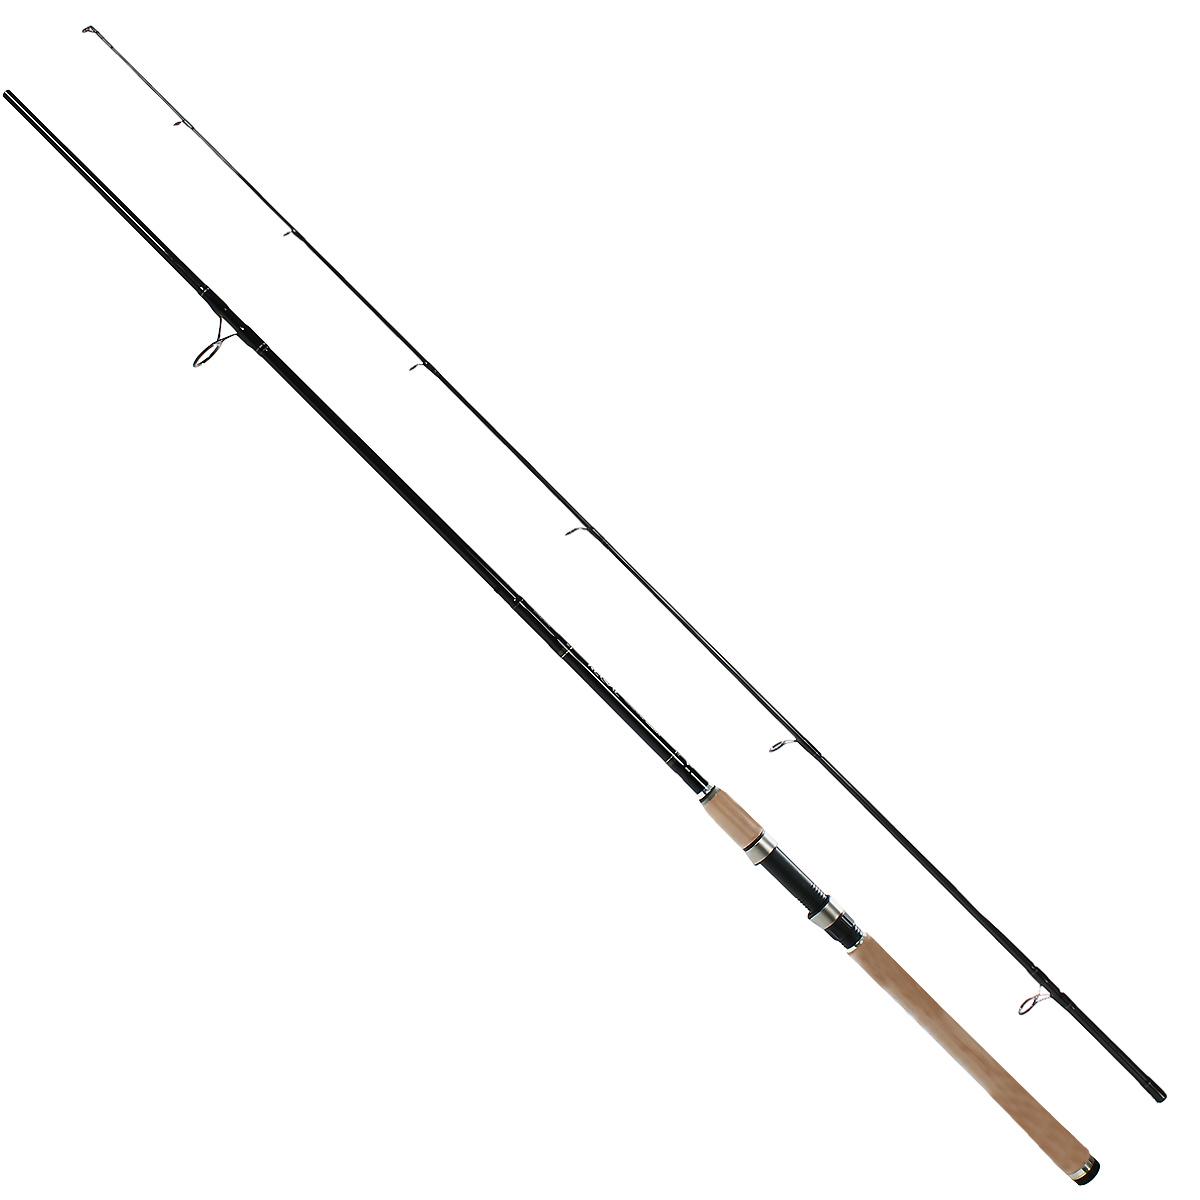 Удилище спиннинговое Daiwa Regal, штекерное, 2,55 м, 10-40 г